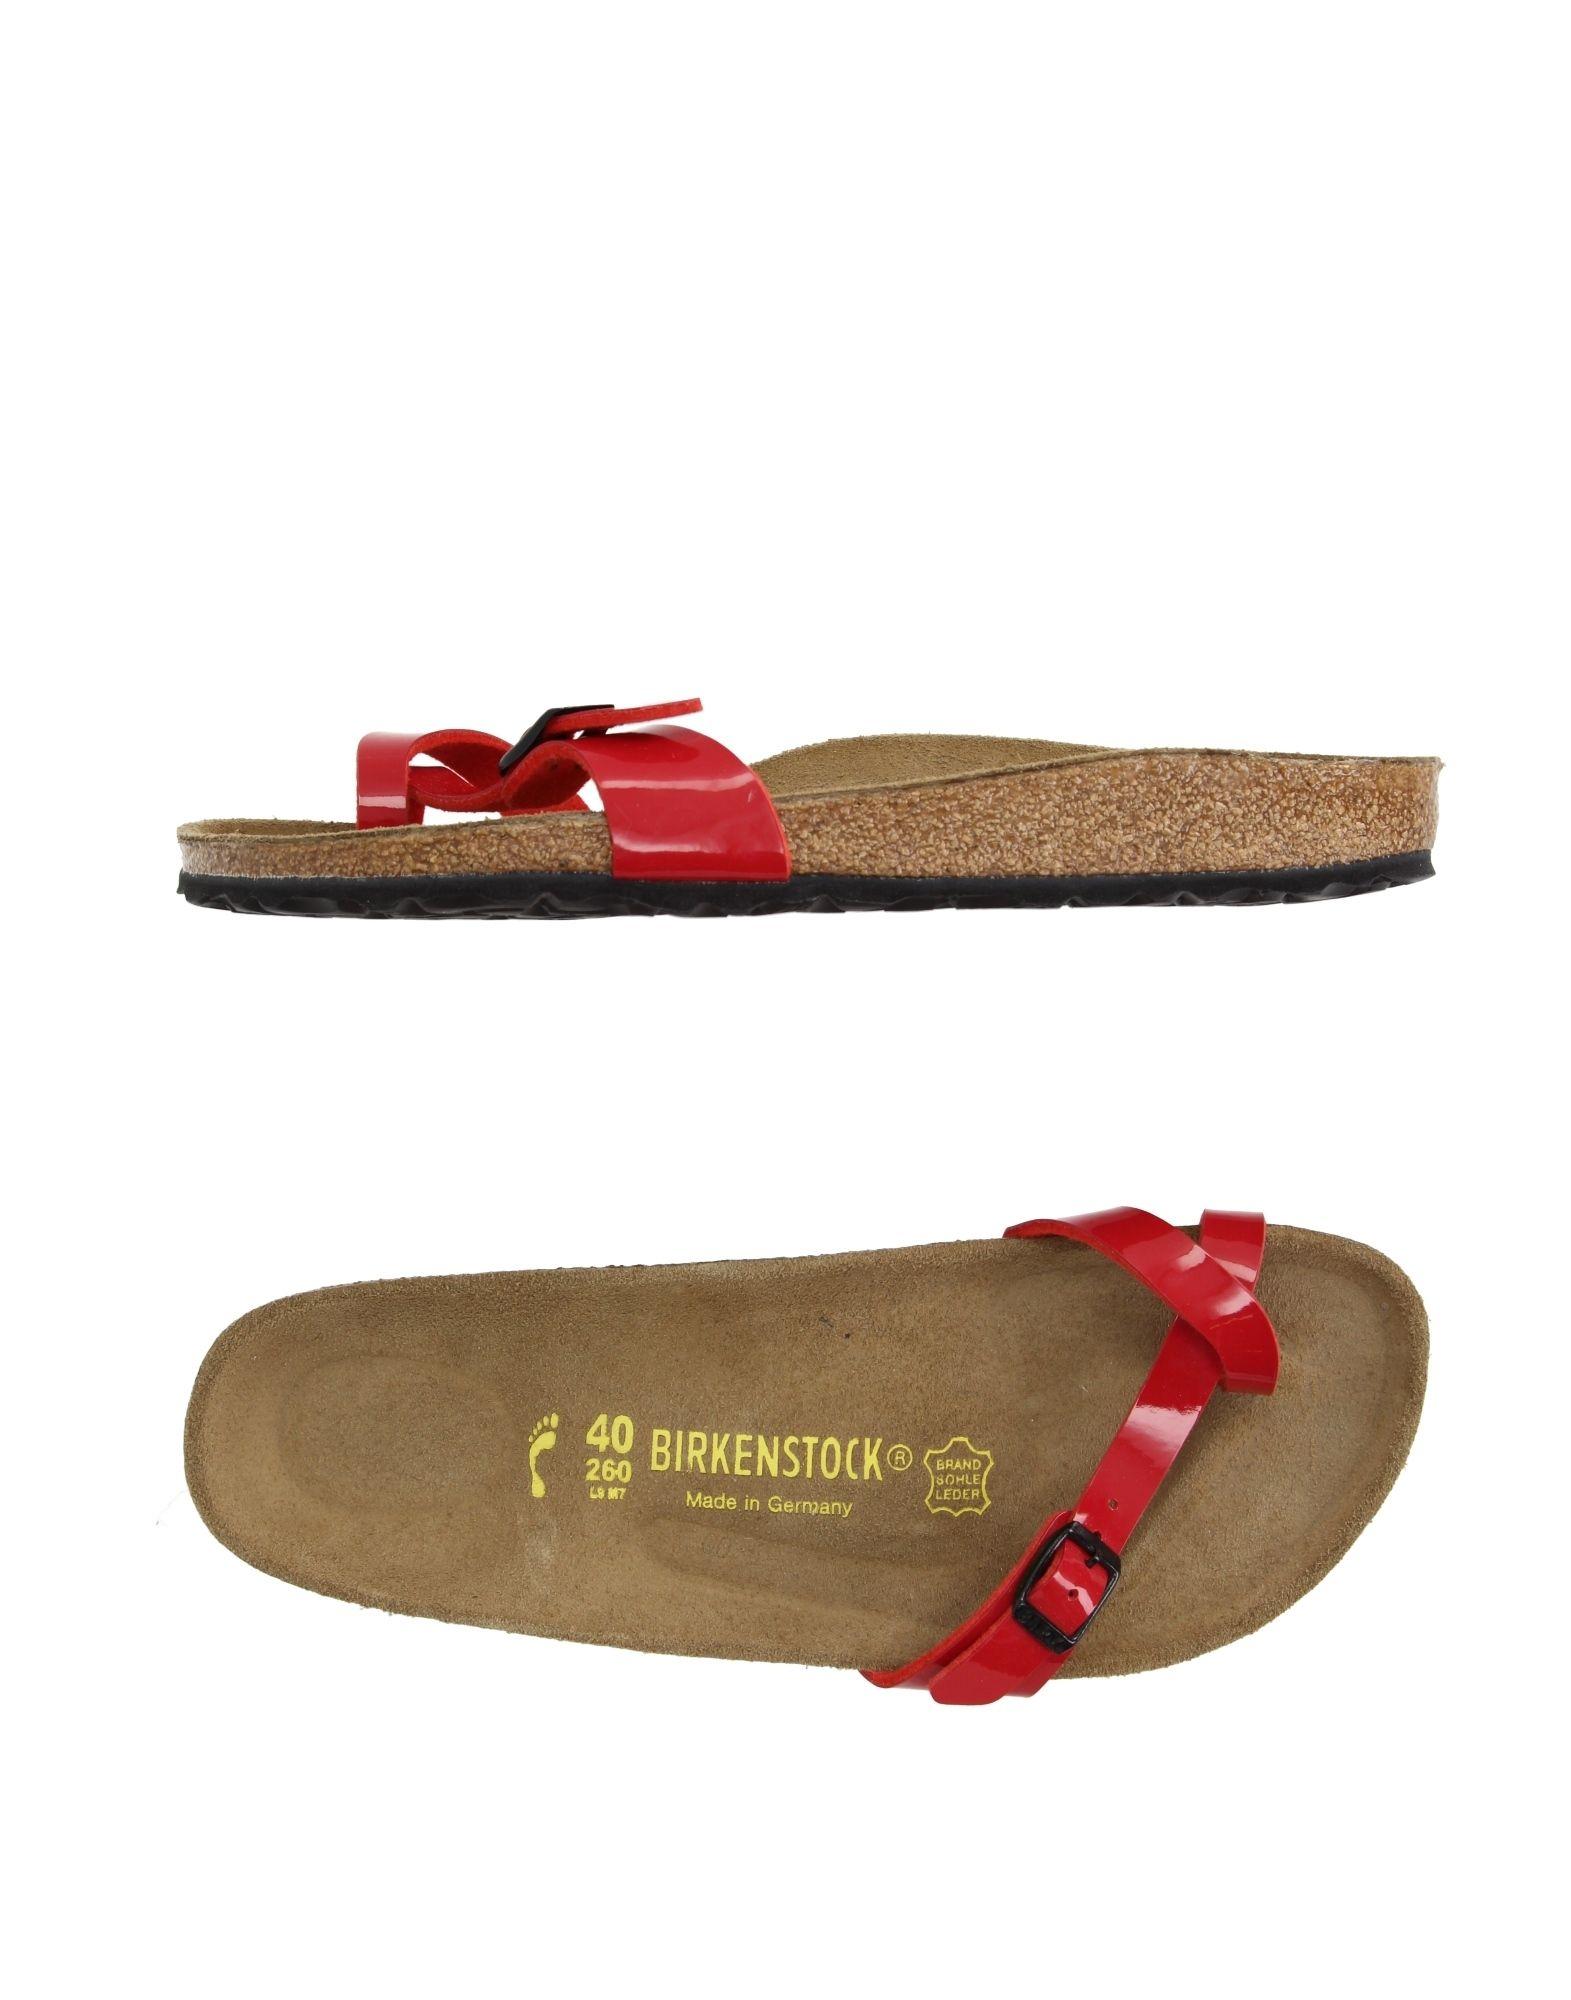 ba7125fe7704 Birkenstock Flip Flops - Women Birkenstock Flip Flops online on YOOX  Switzerland - 11180725IF